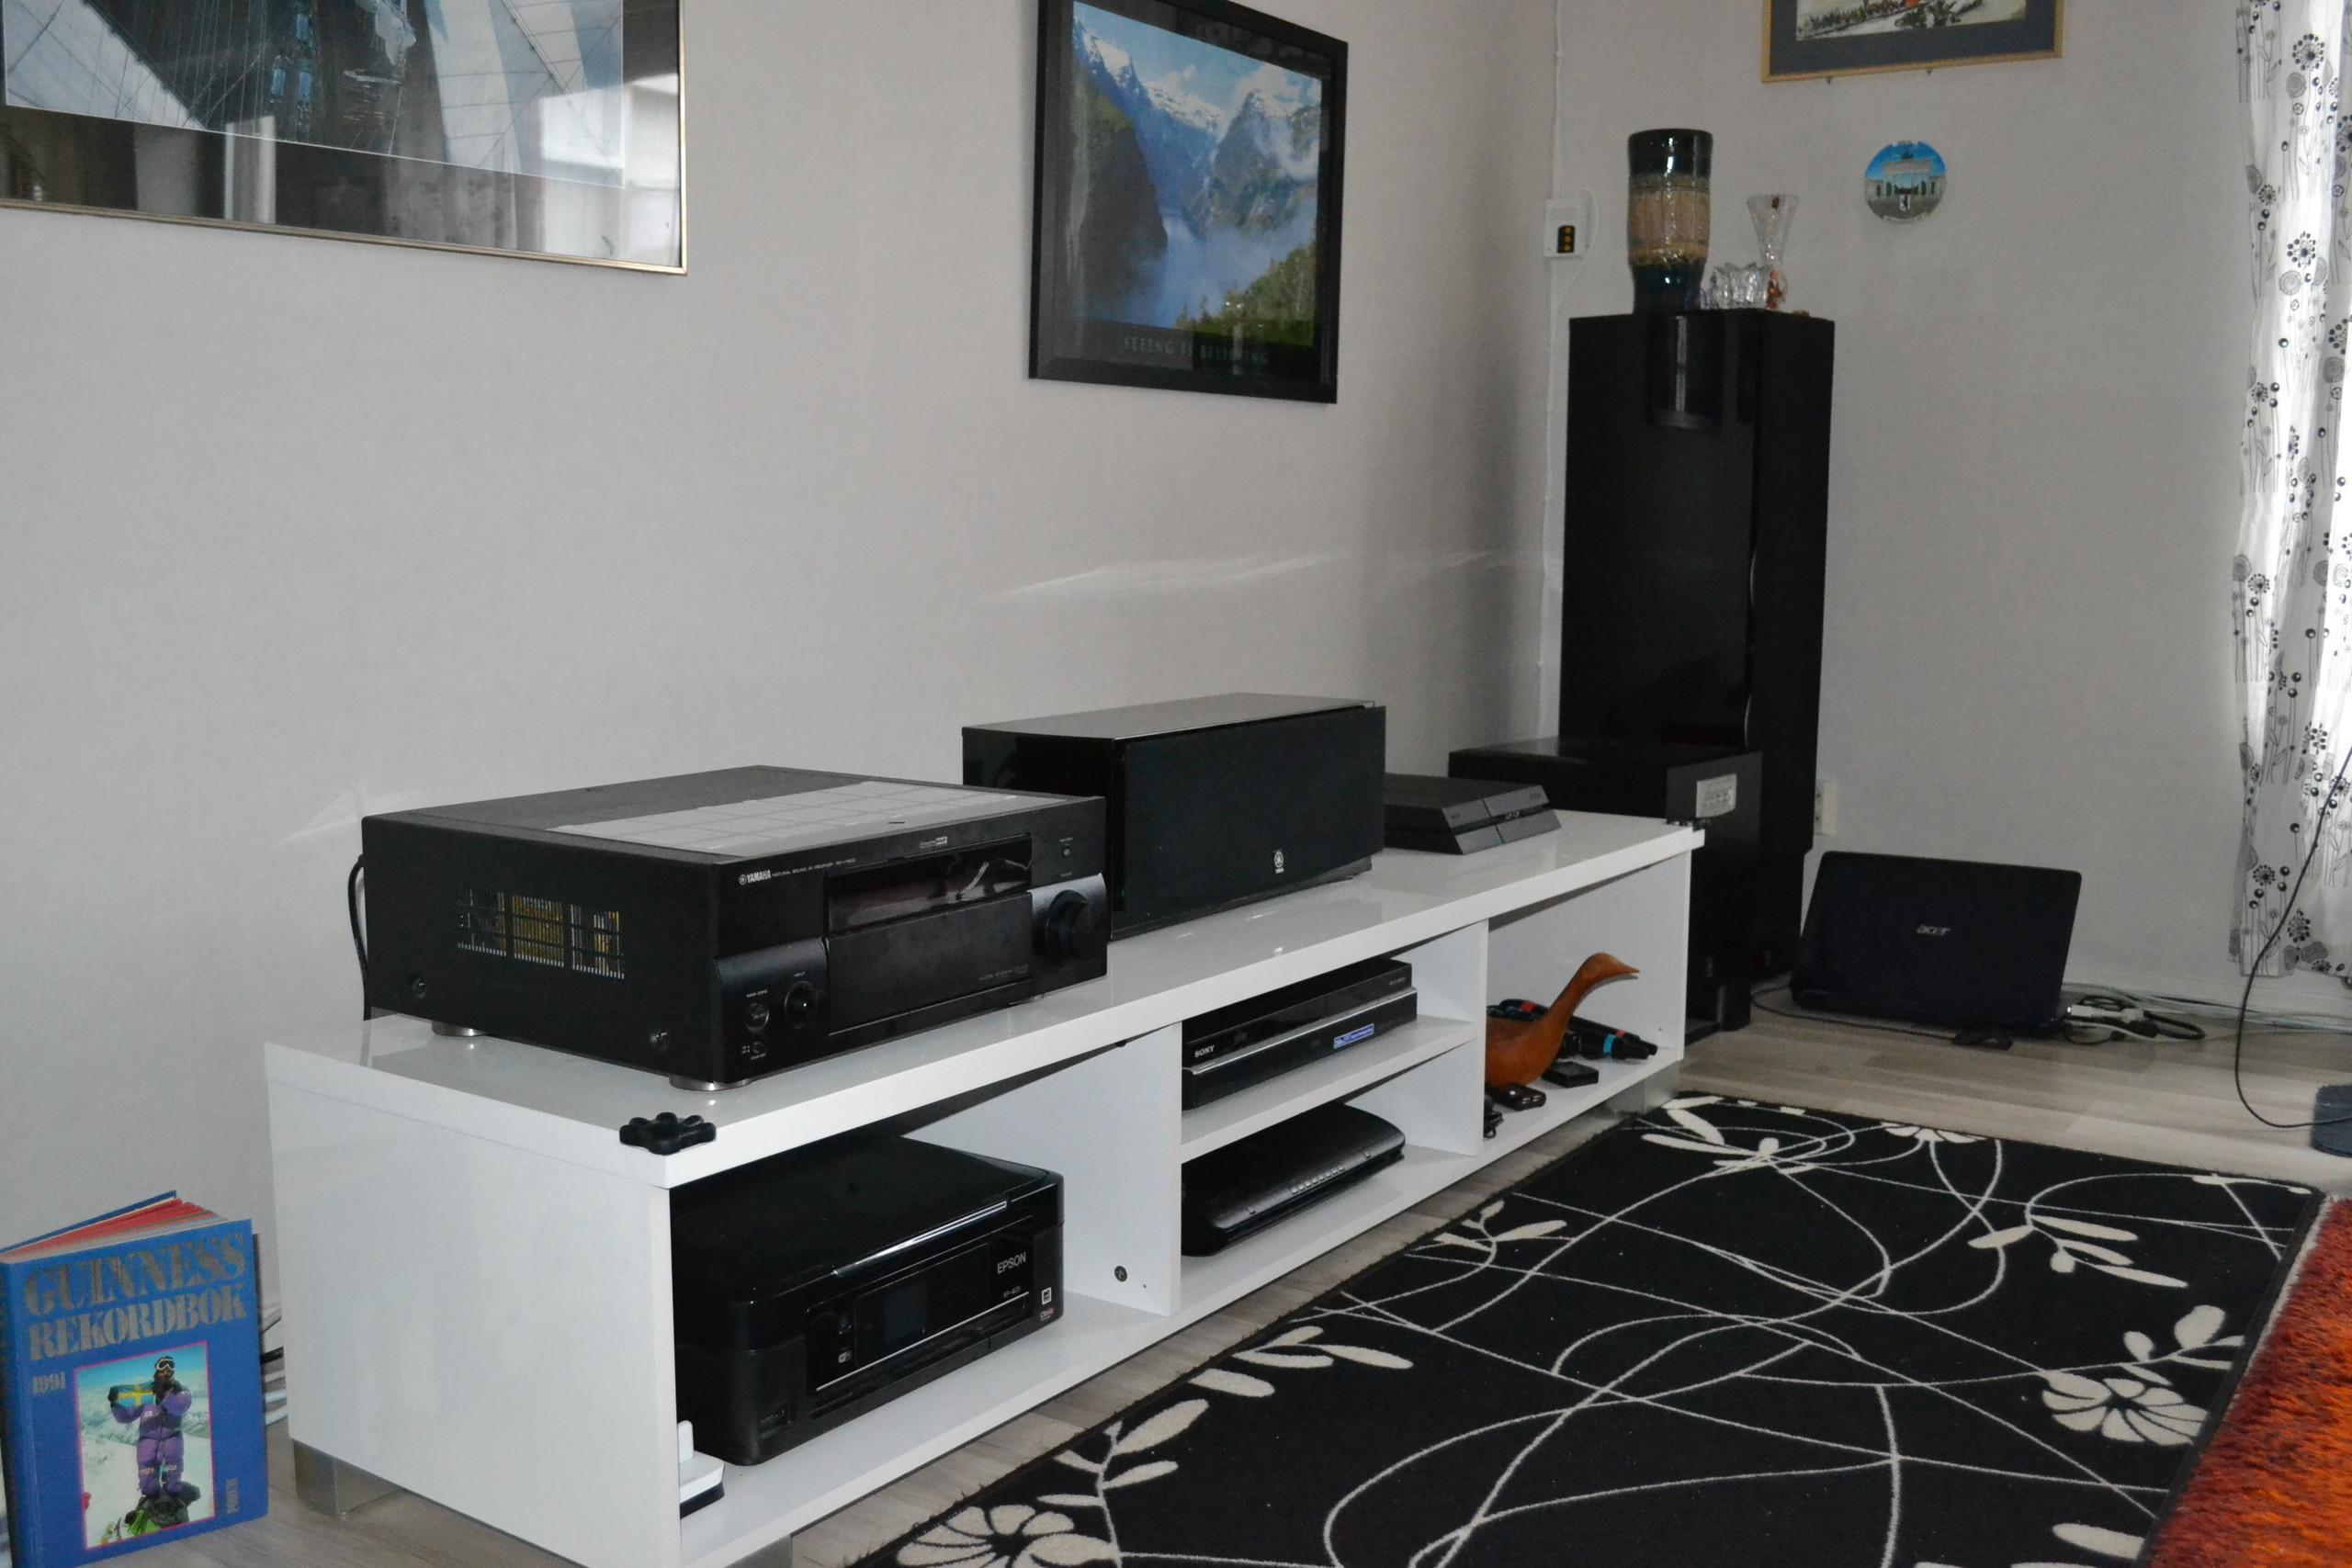 bilder p yamaha yba 10 dockningsstation. Black Bedroom Furniture Sets. Home Design Ideas